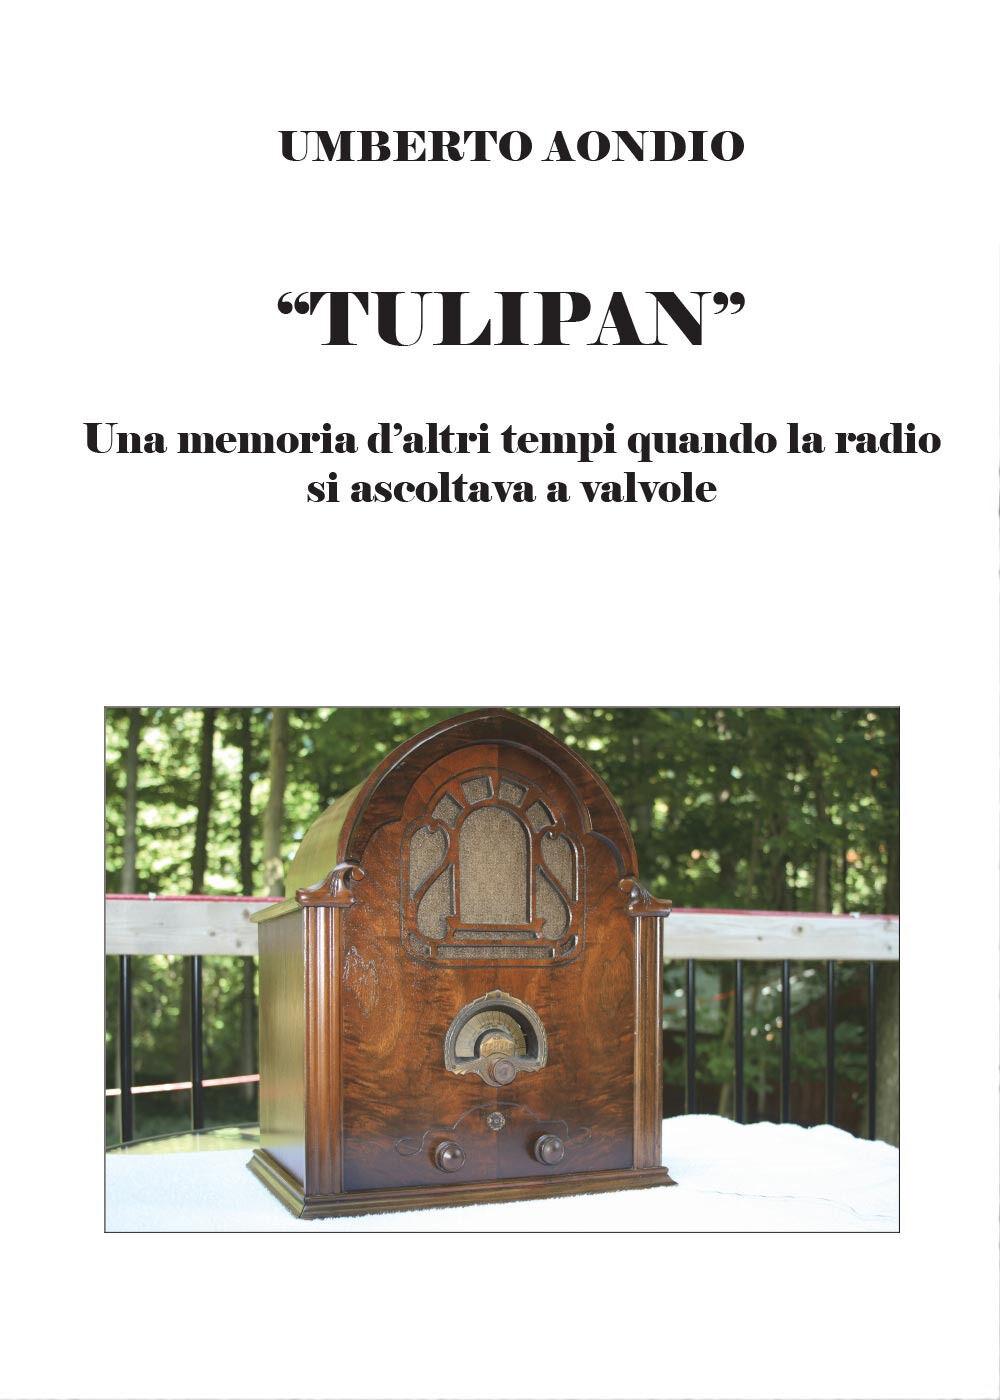 Tulipan. Una memoria d'altri tempi di quando la radio si ascoltava a valvole